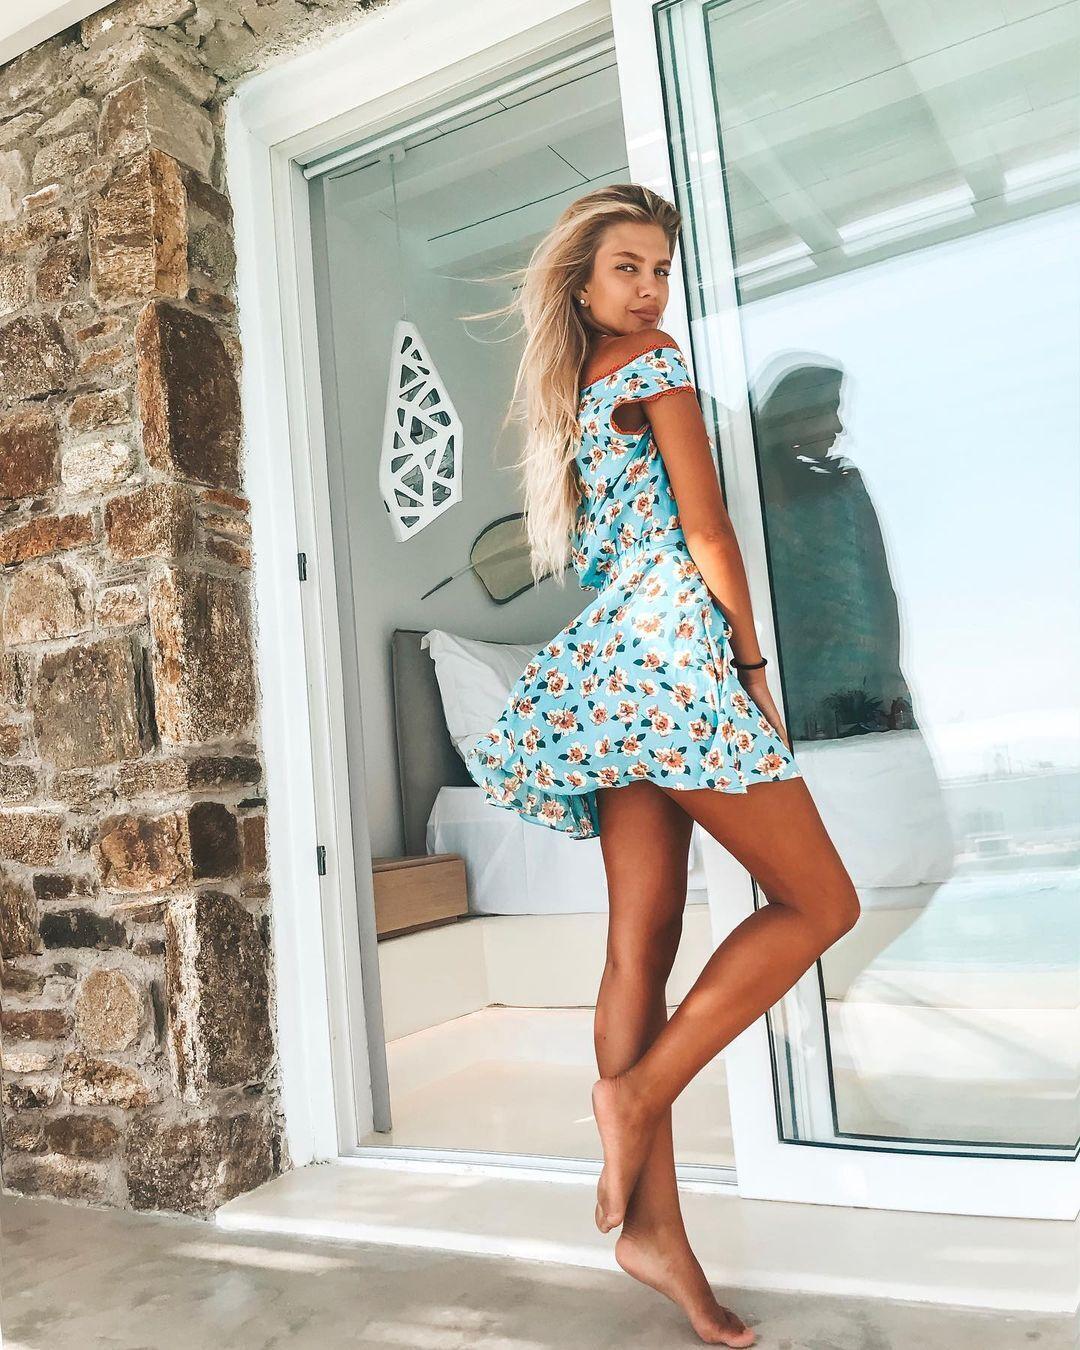 Вікторія Стецик у платті